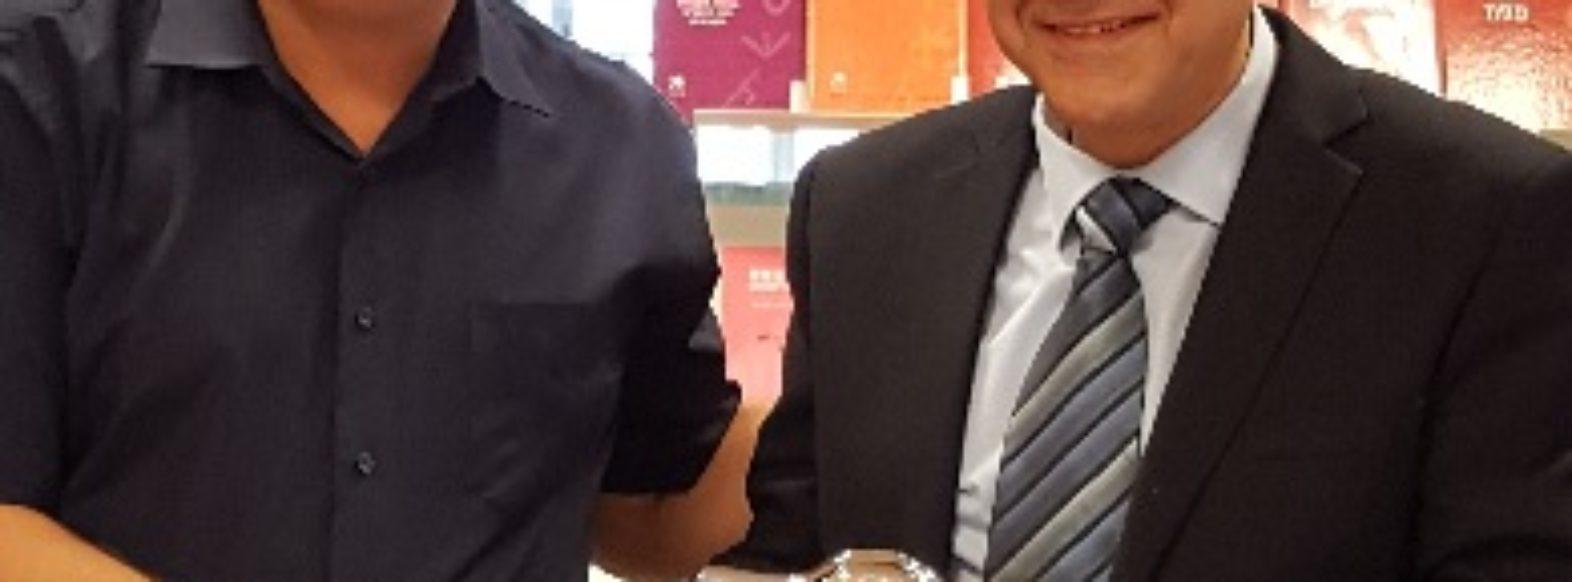 """מנכ""""ל משרד החינוך, שמואל אבואב, ביקר בקריית ביאליק ונפגש עם ראש העיר ומנהלי בתי הספר"""